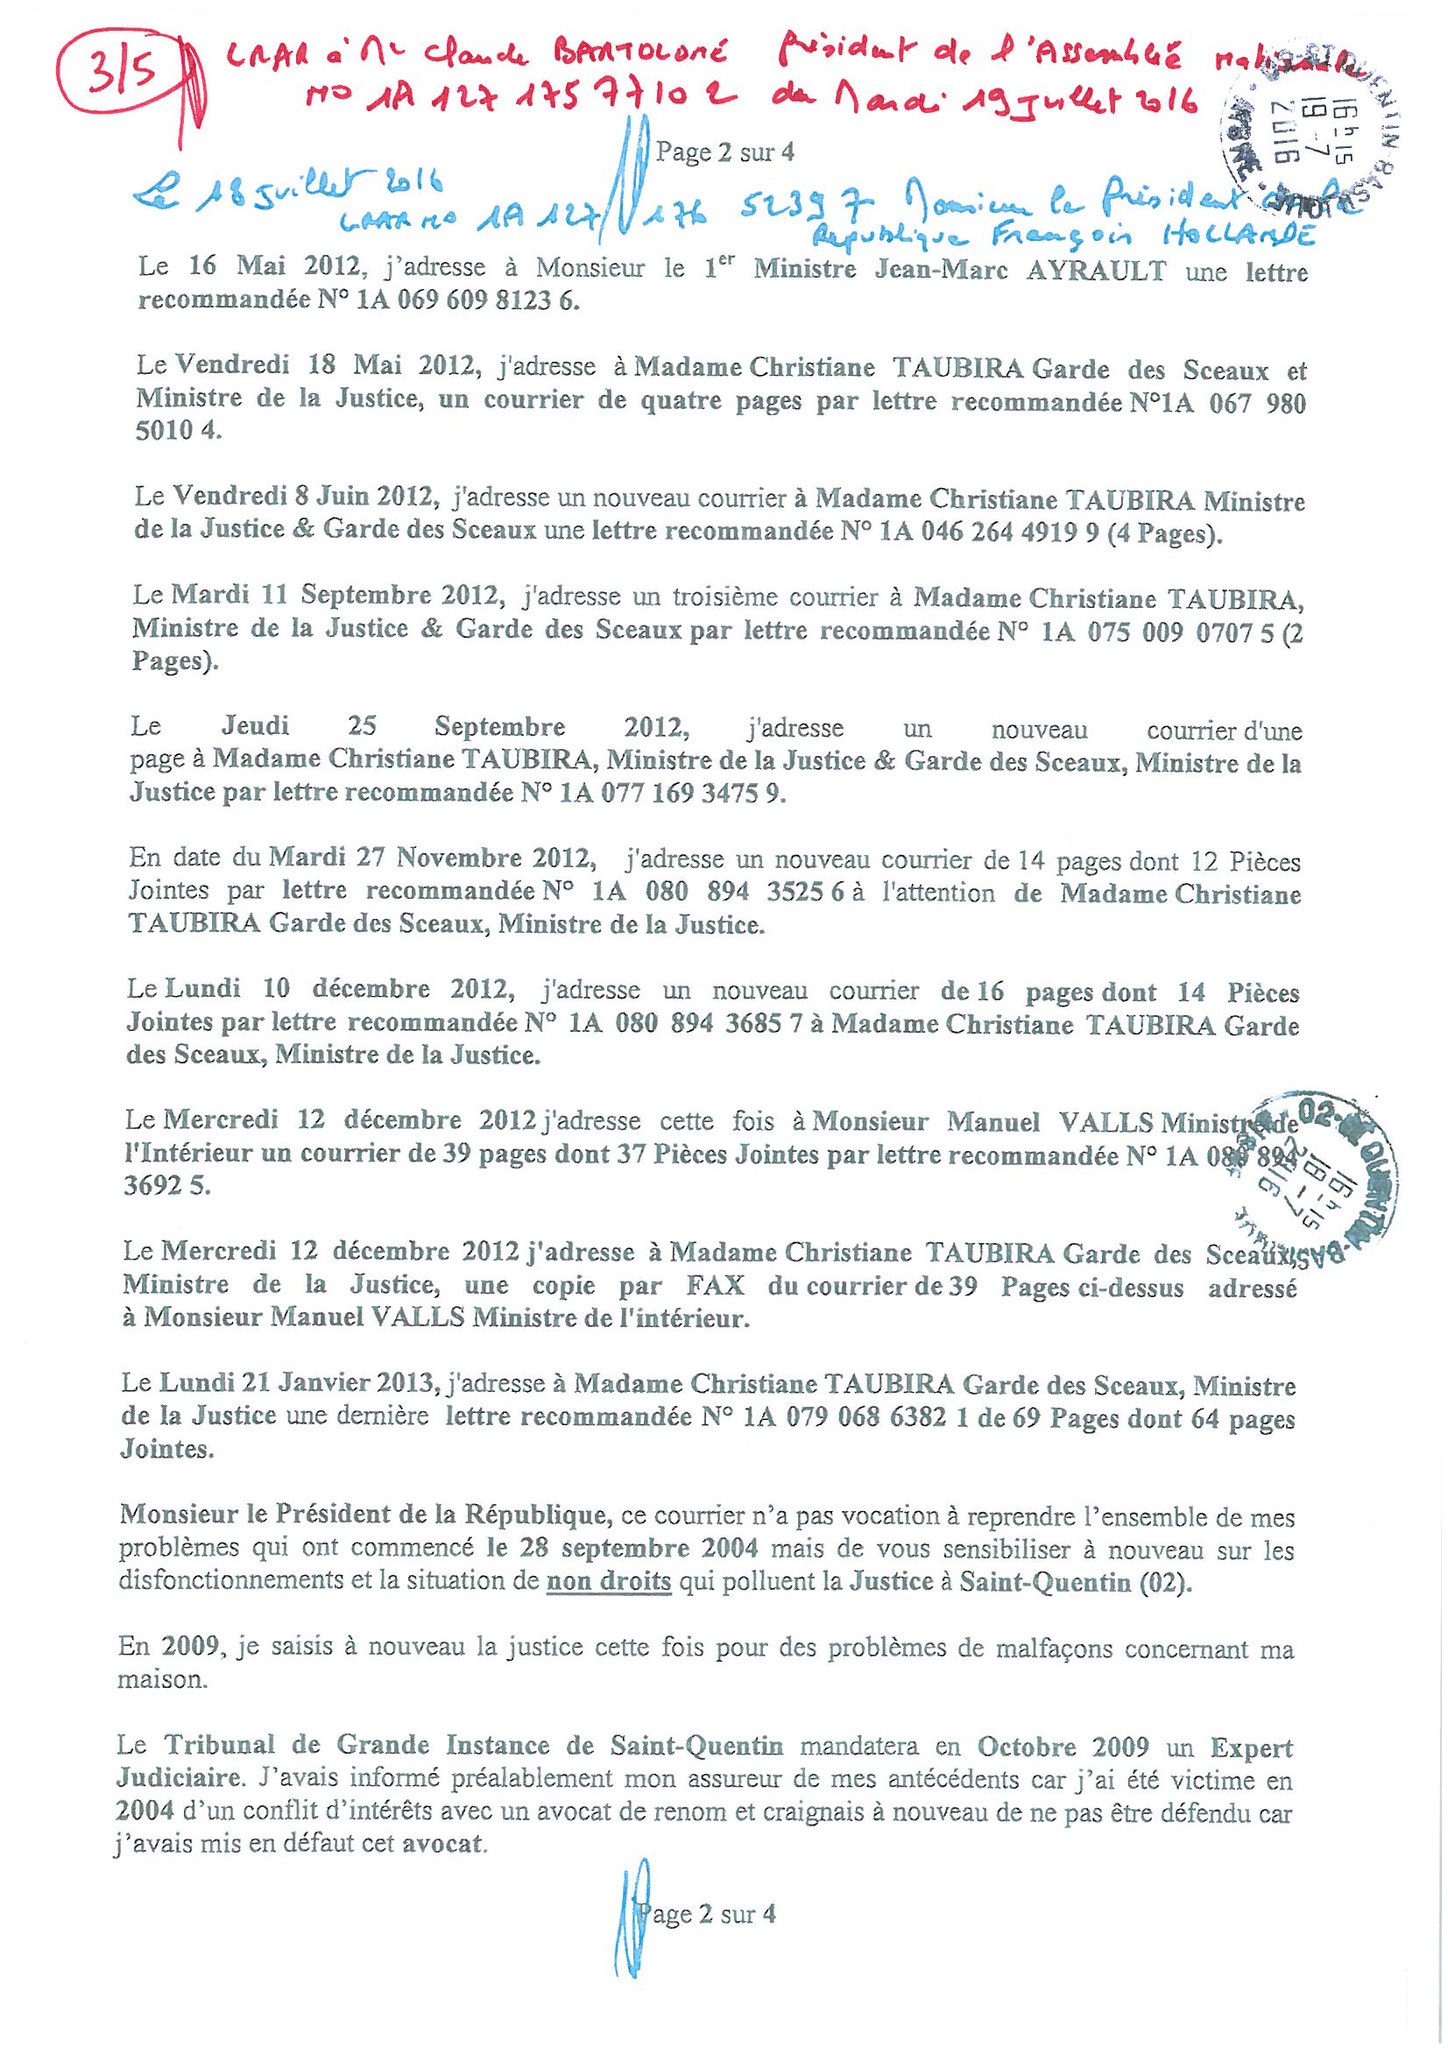 LRAR du 19 Juillet 2016 à Monsieur Claude BARTOLONE le Président de l'Assemblée Nationale 3 sur 5